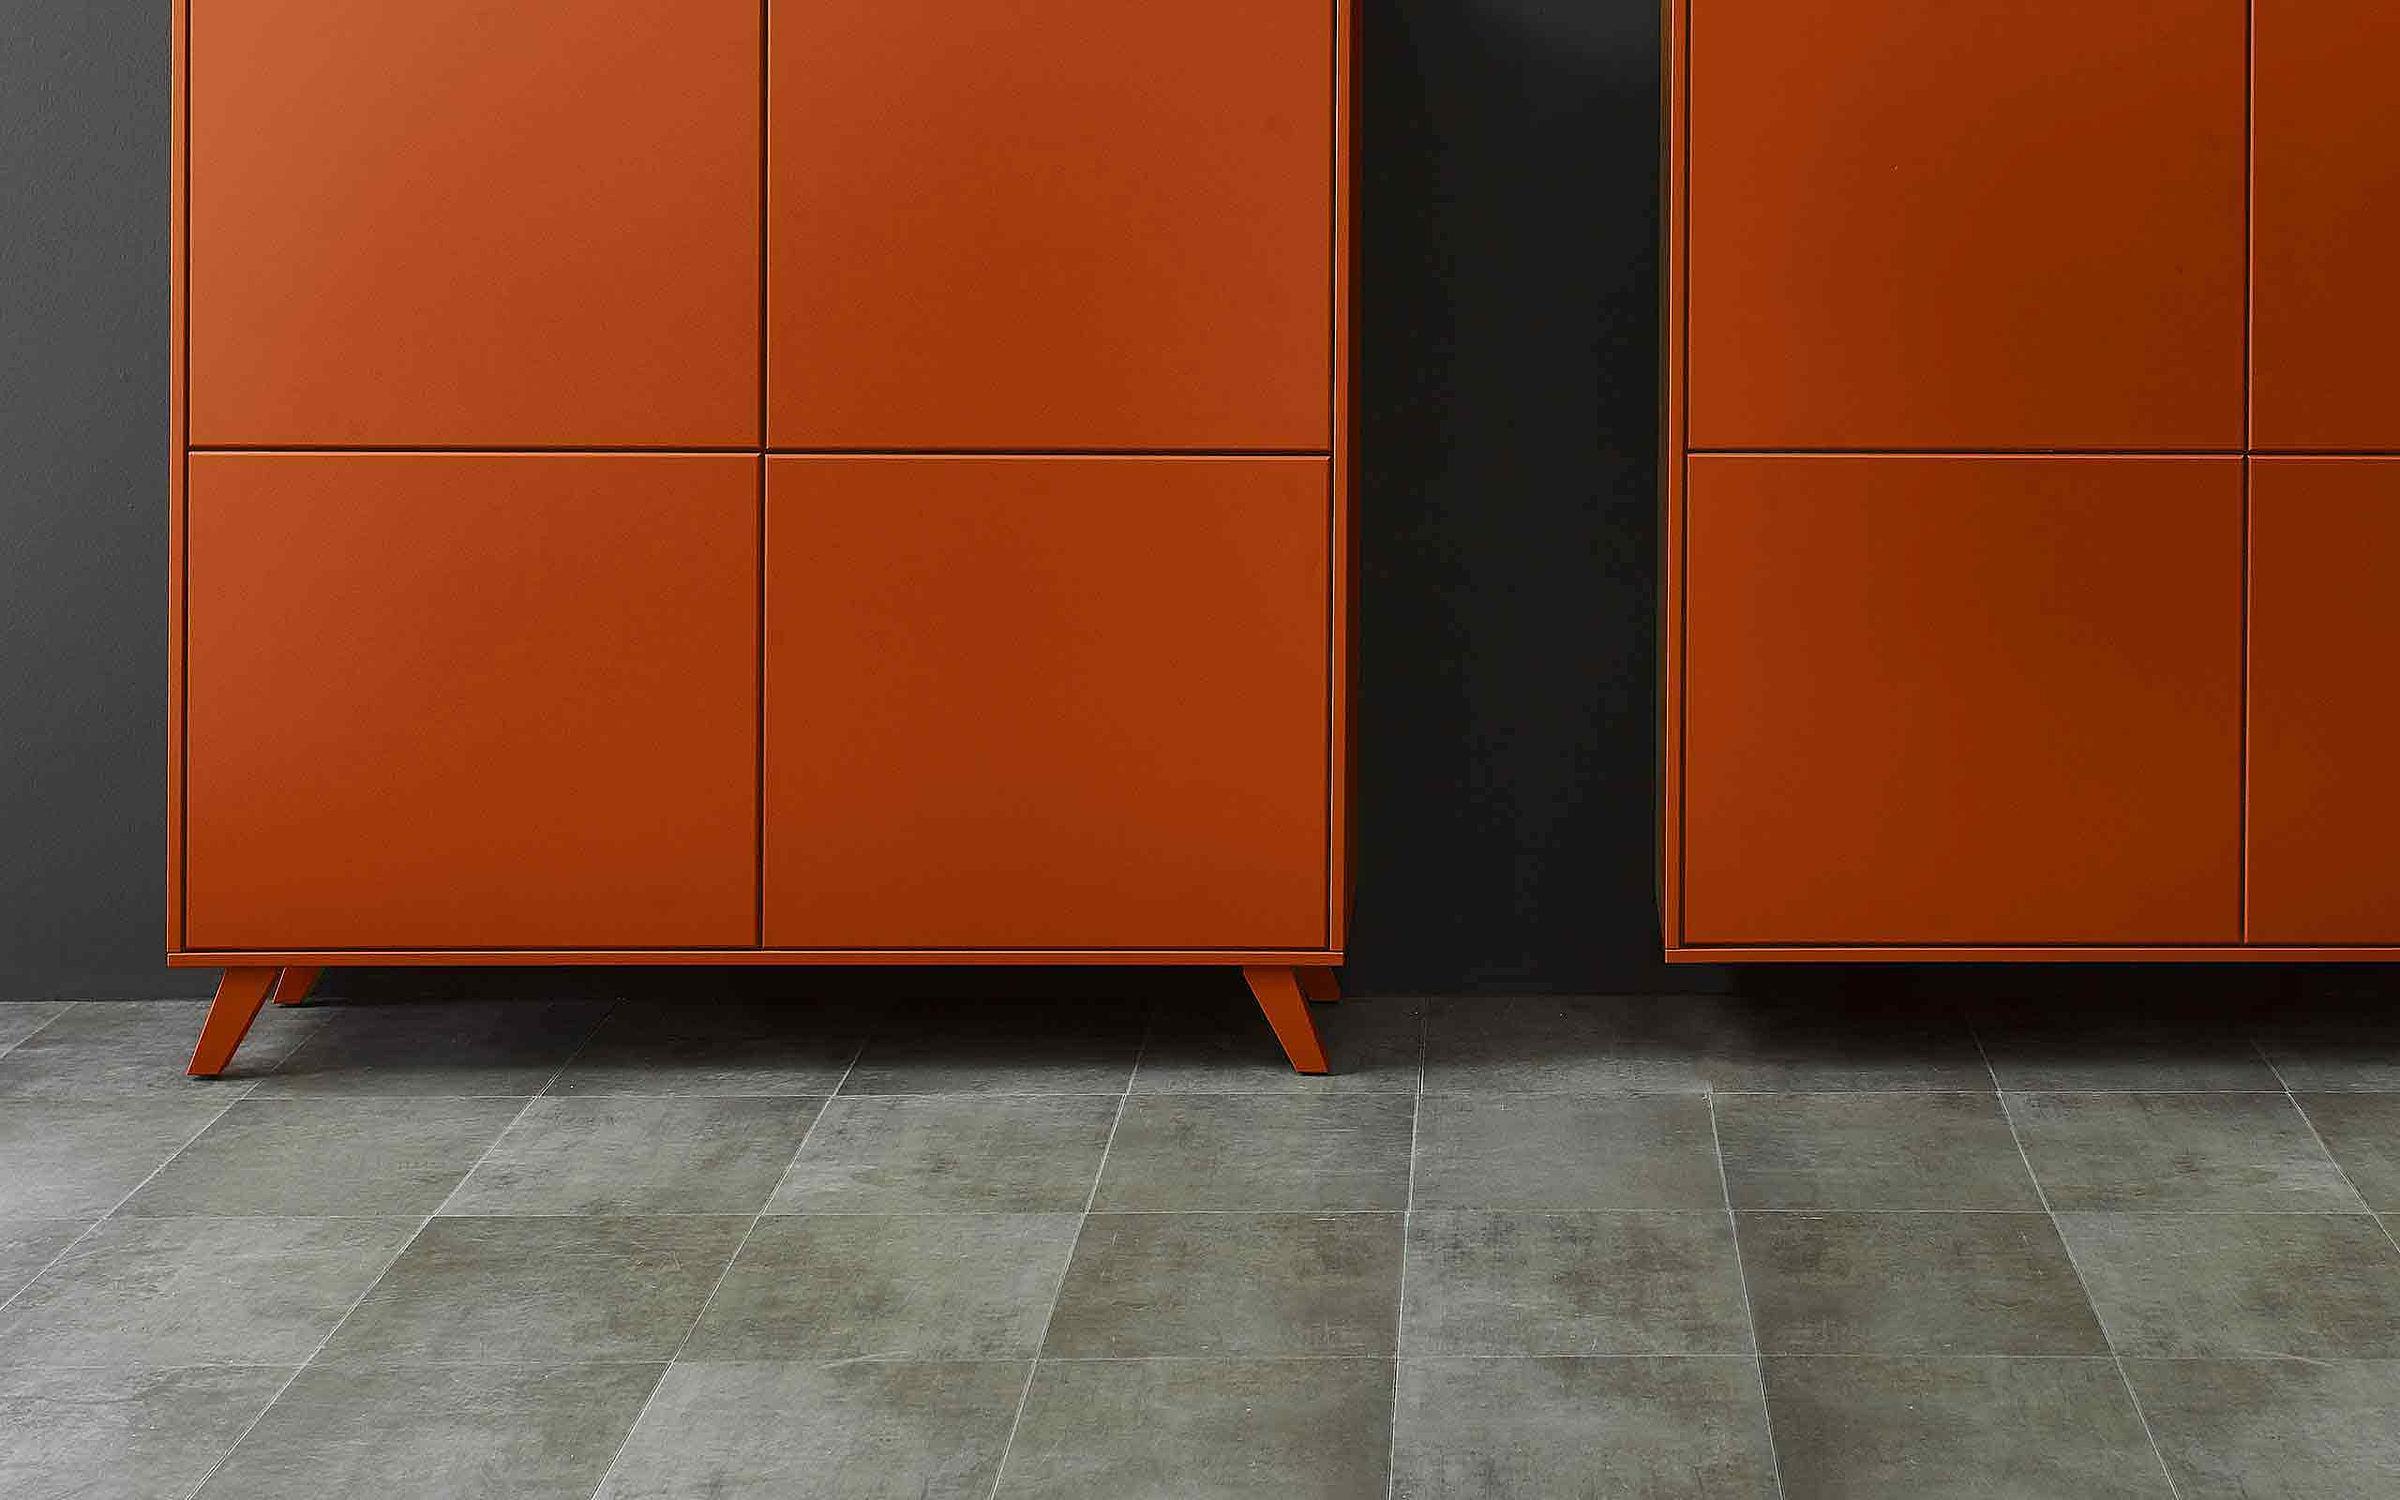 Sideboard Wohnzimmer Deviso Lack ziegelrot